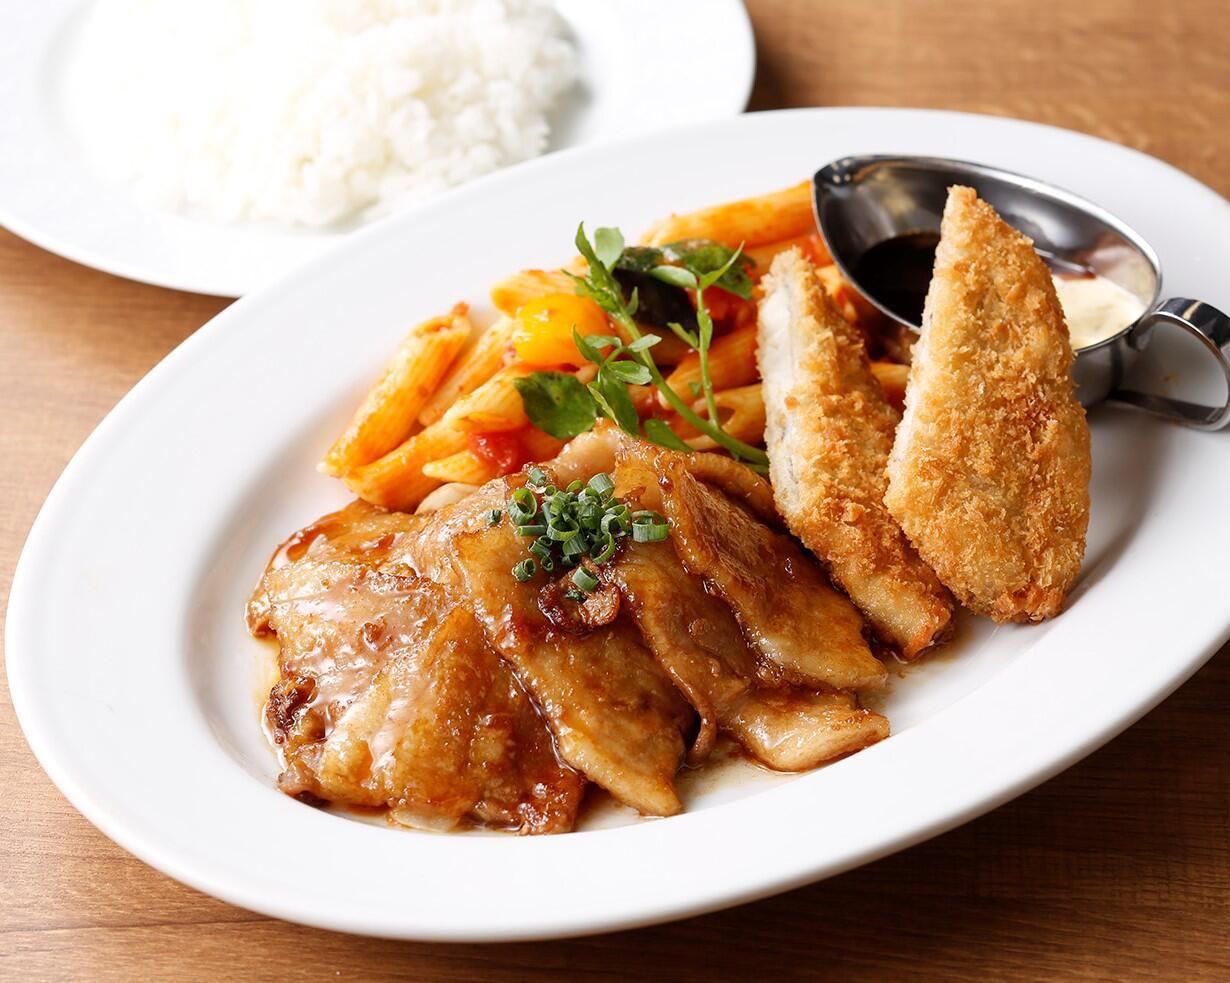 銀座ライオンLEOディナープレート(ポーク生姜焼き&フィッシュフライ)<スープ・サラダセット> サラダ/スープ付き